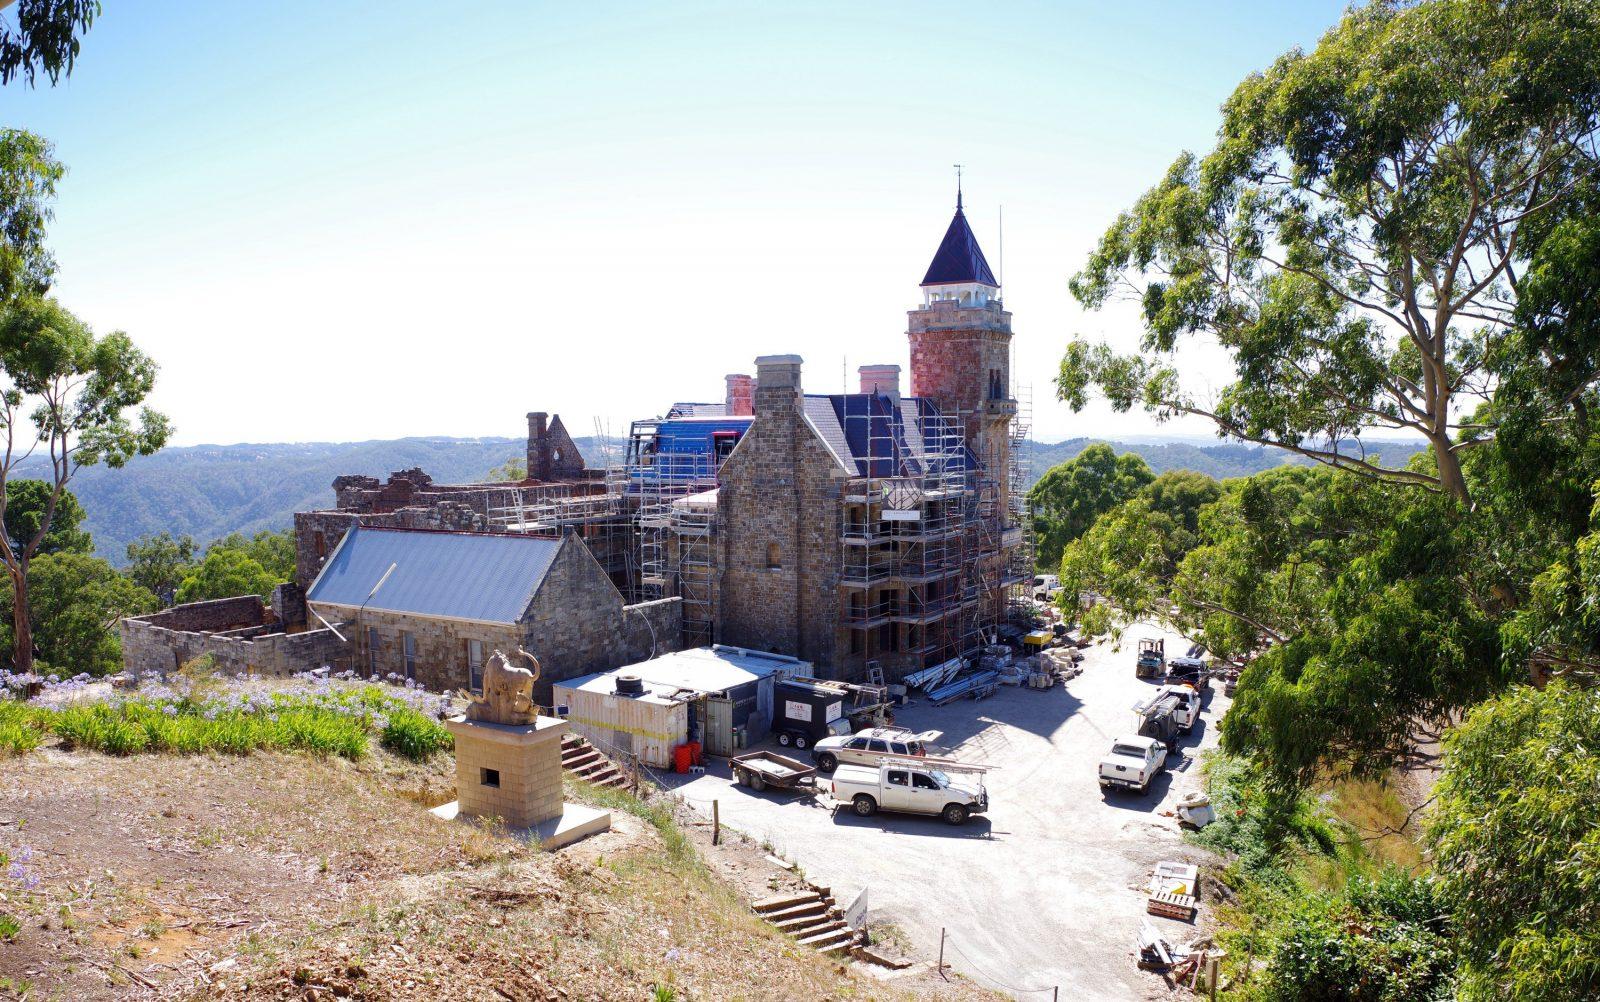 Ruin Restoration